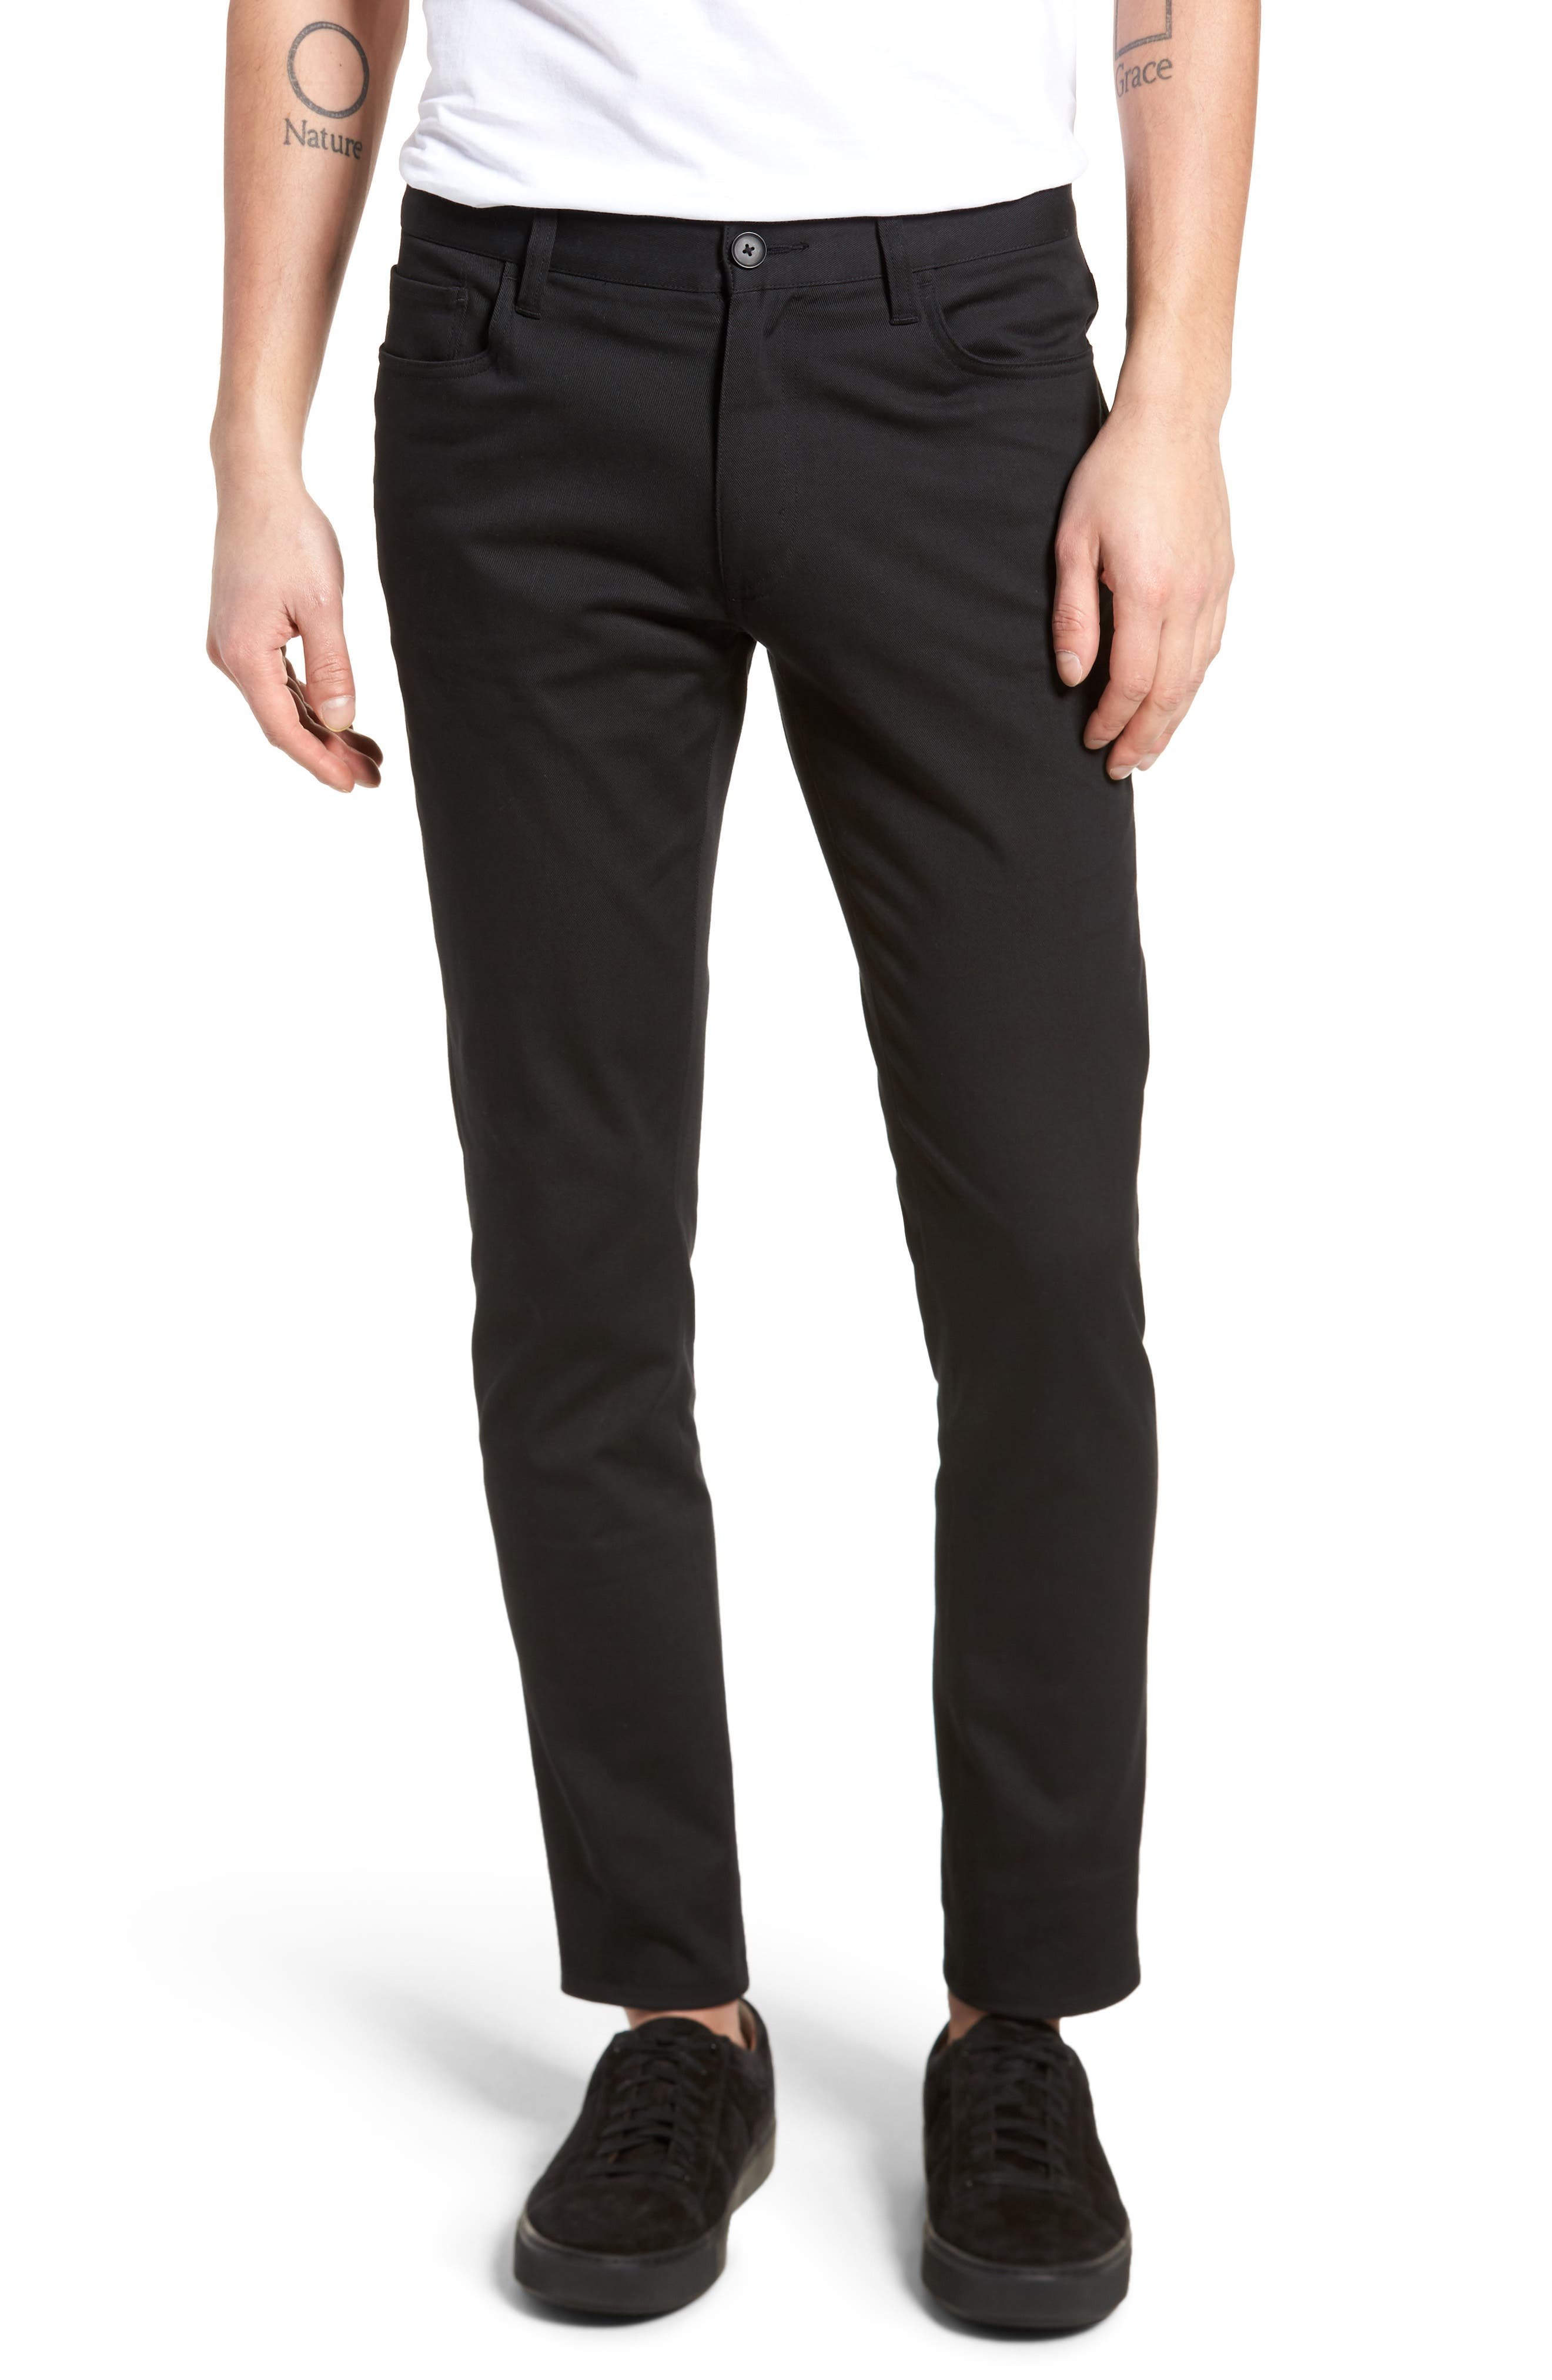 Skinny Slim Fit Pants,                             Main thumbnail 1, color,                             001